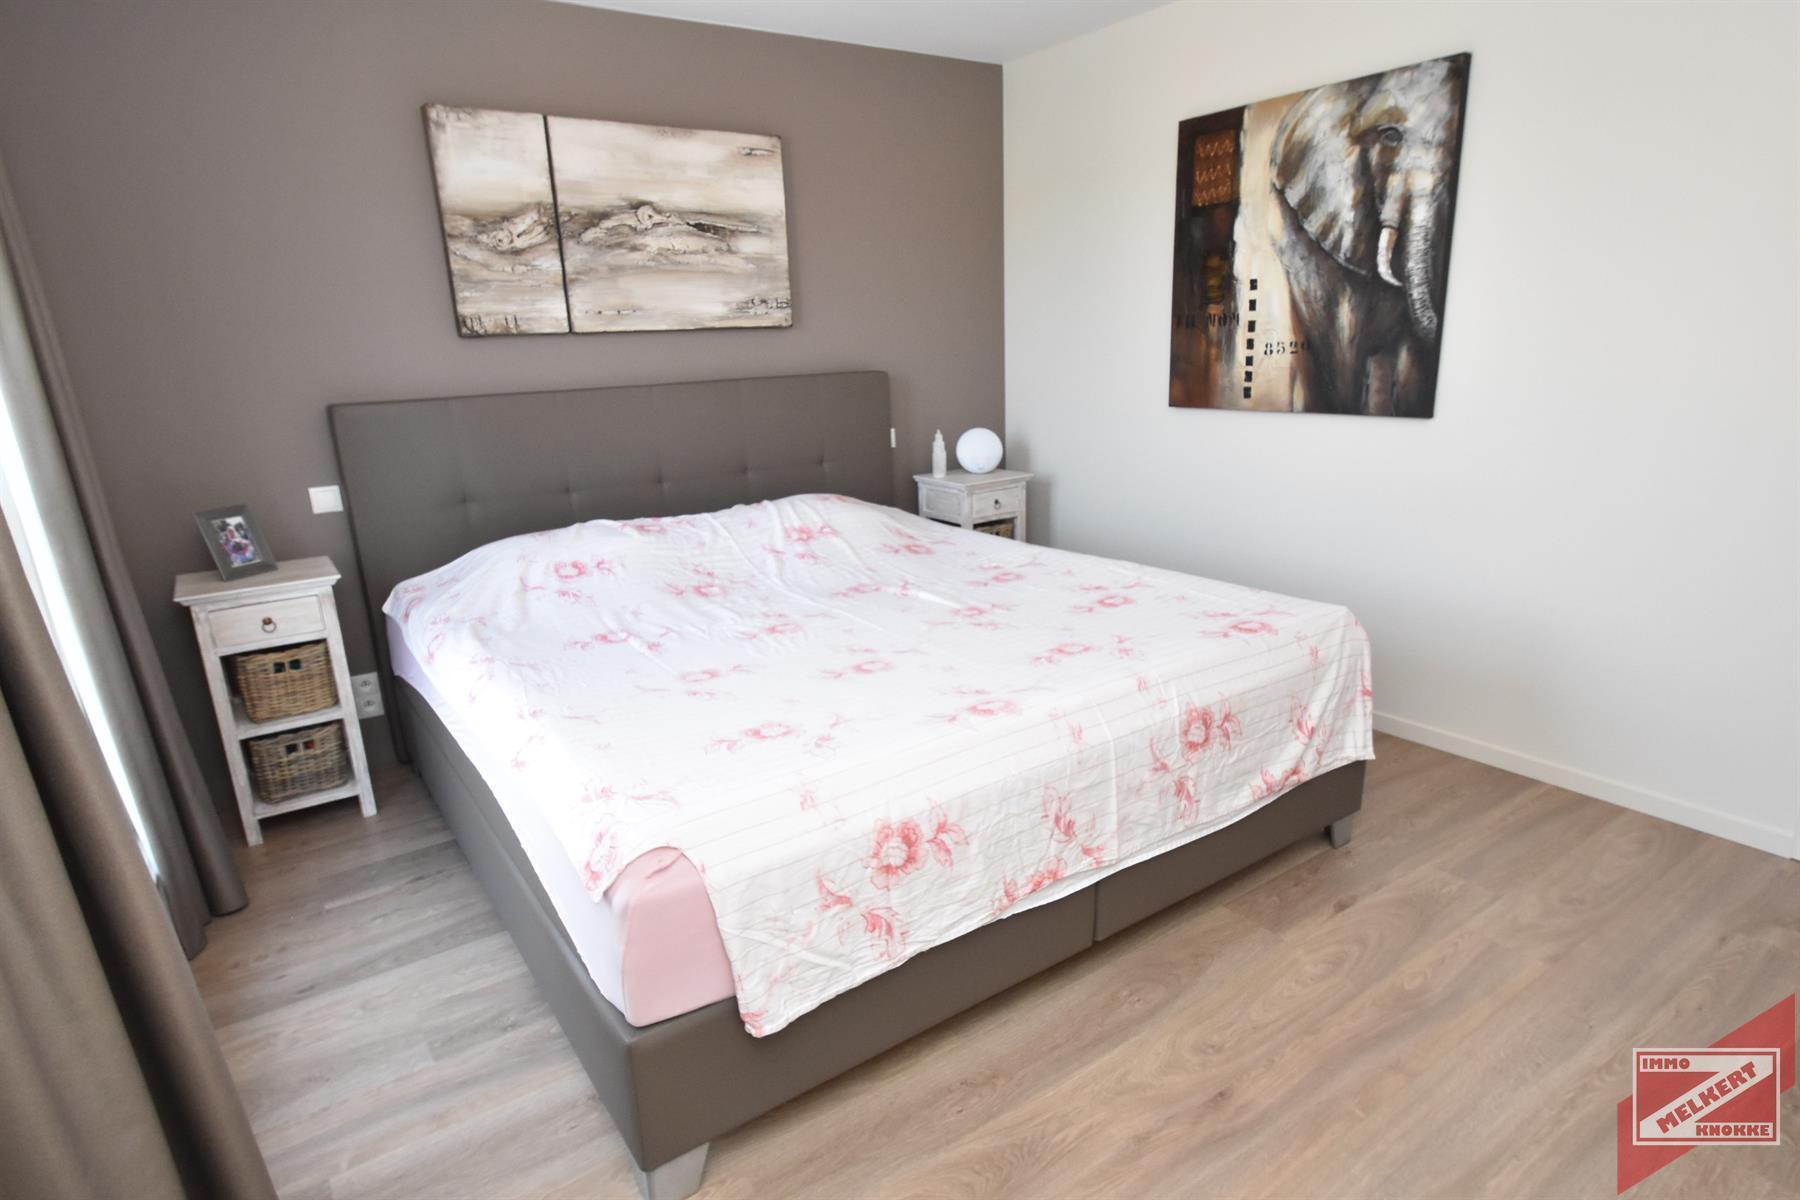 Renovatie Badkamer Knokke : Appartementen en huizen te koop knokke heist immo melkert